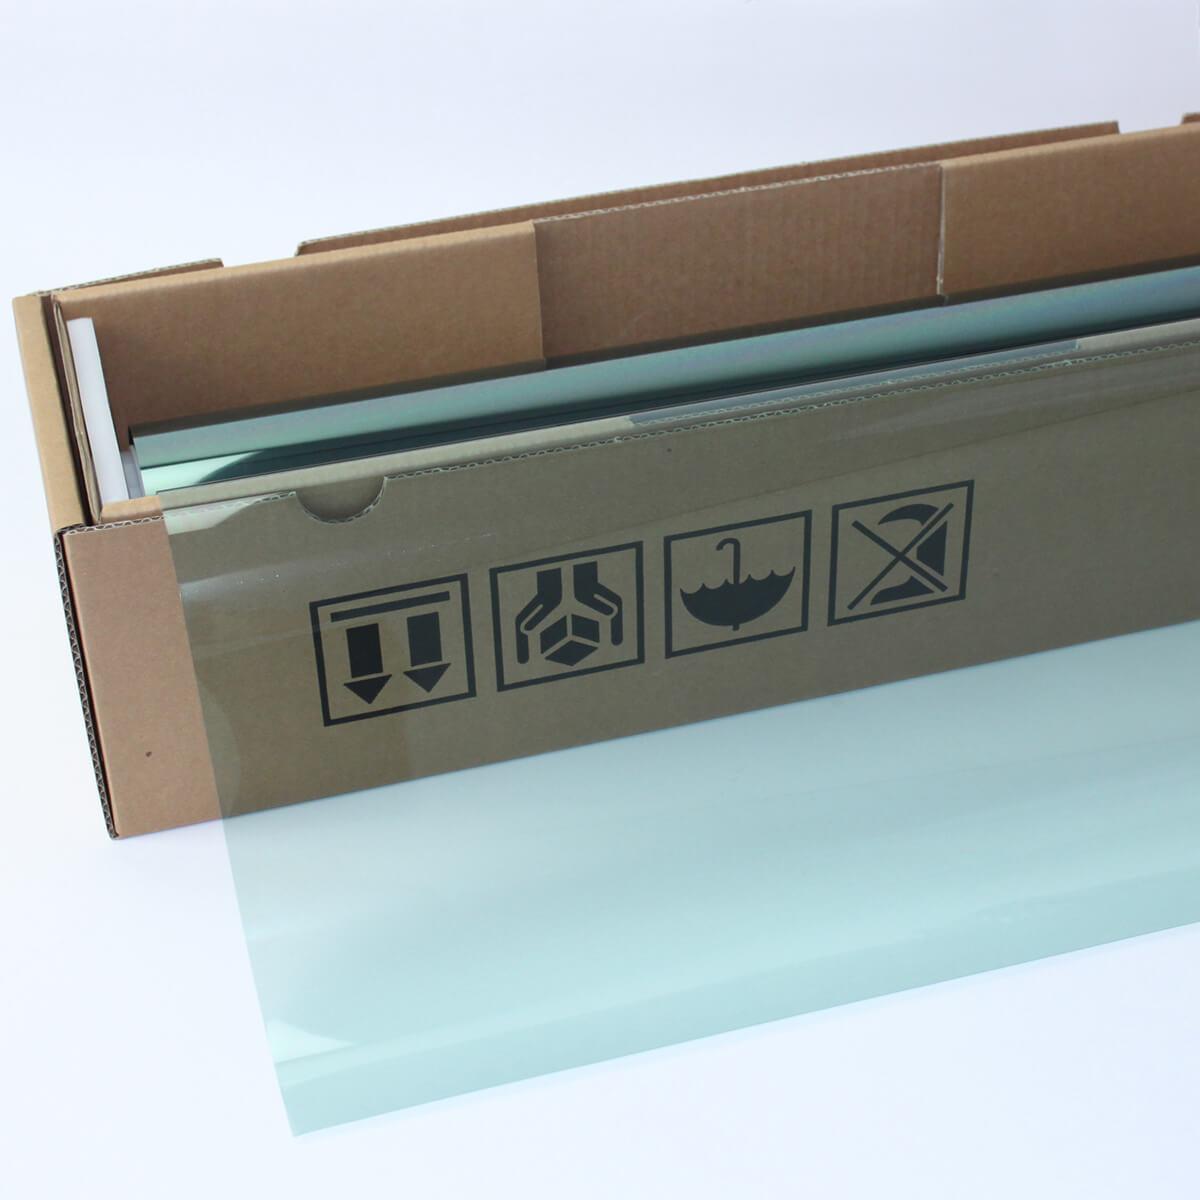 送料無料 ウィンドウフィルム 窓ガラスフィルム スーパーUV400グリーン65(65%) 1m幅×30mロール箱売 遮熱フィルム 断熱フィルム UVカットフィルム ブレインテック Braintec